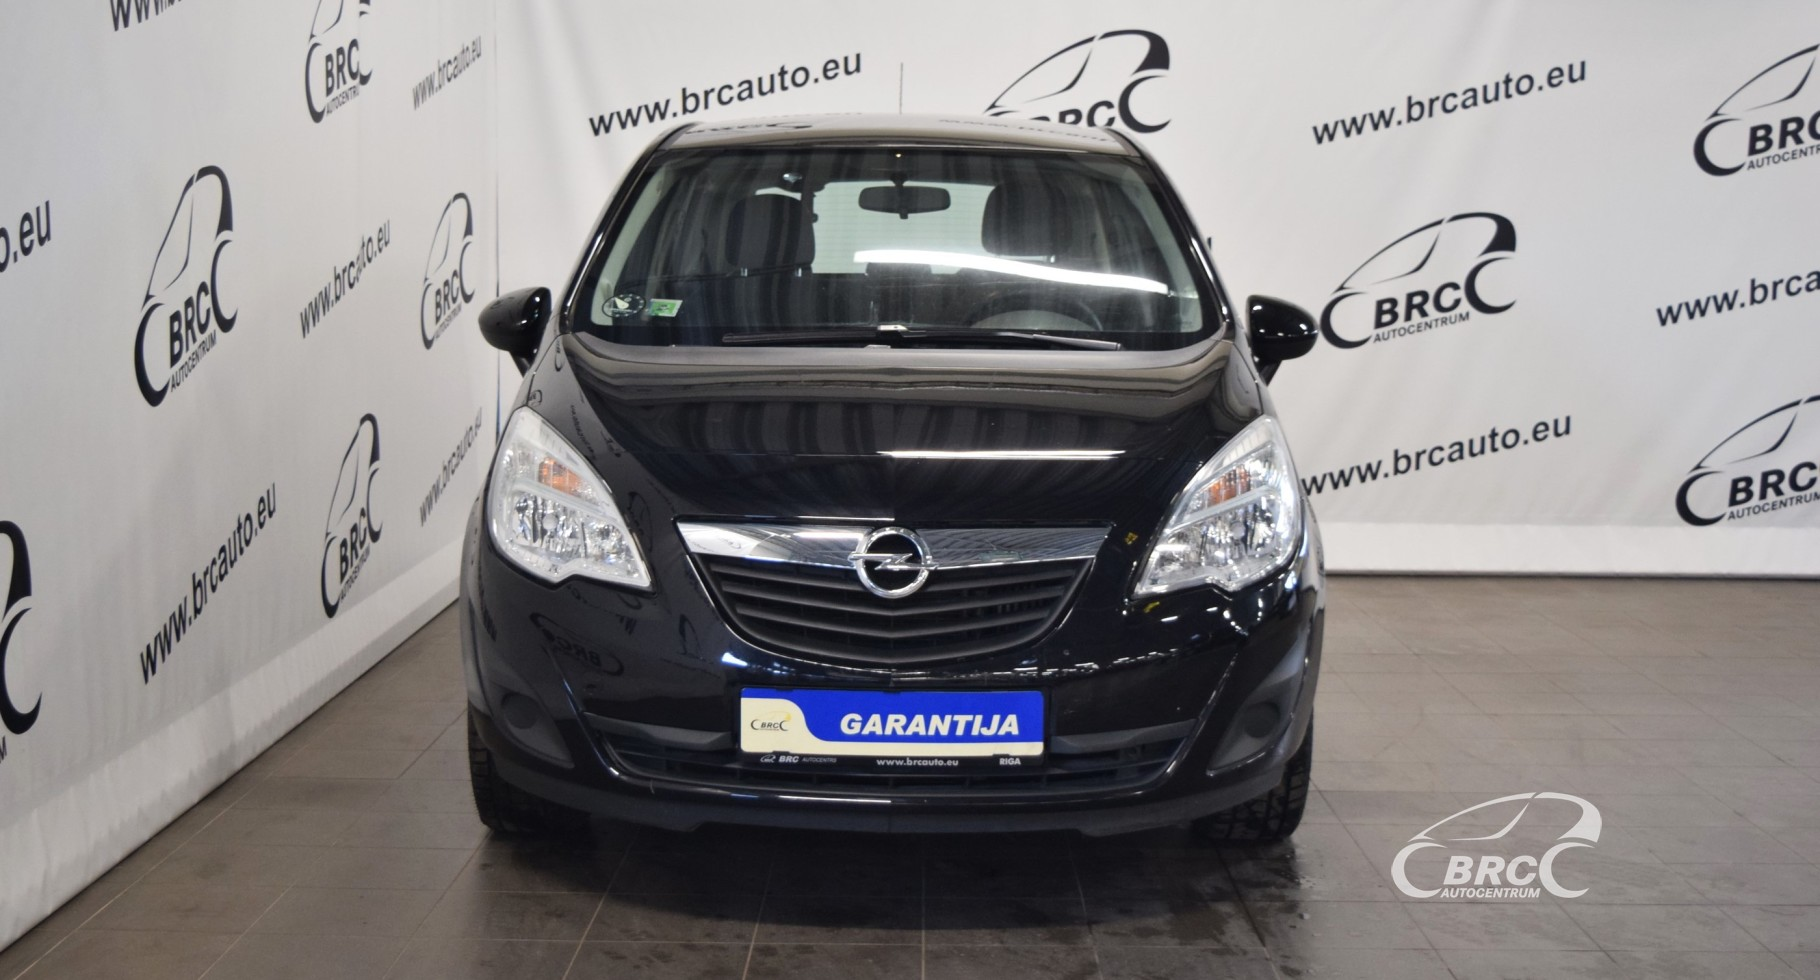 Opel Meriva CDTi M/T